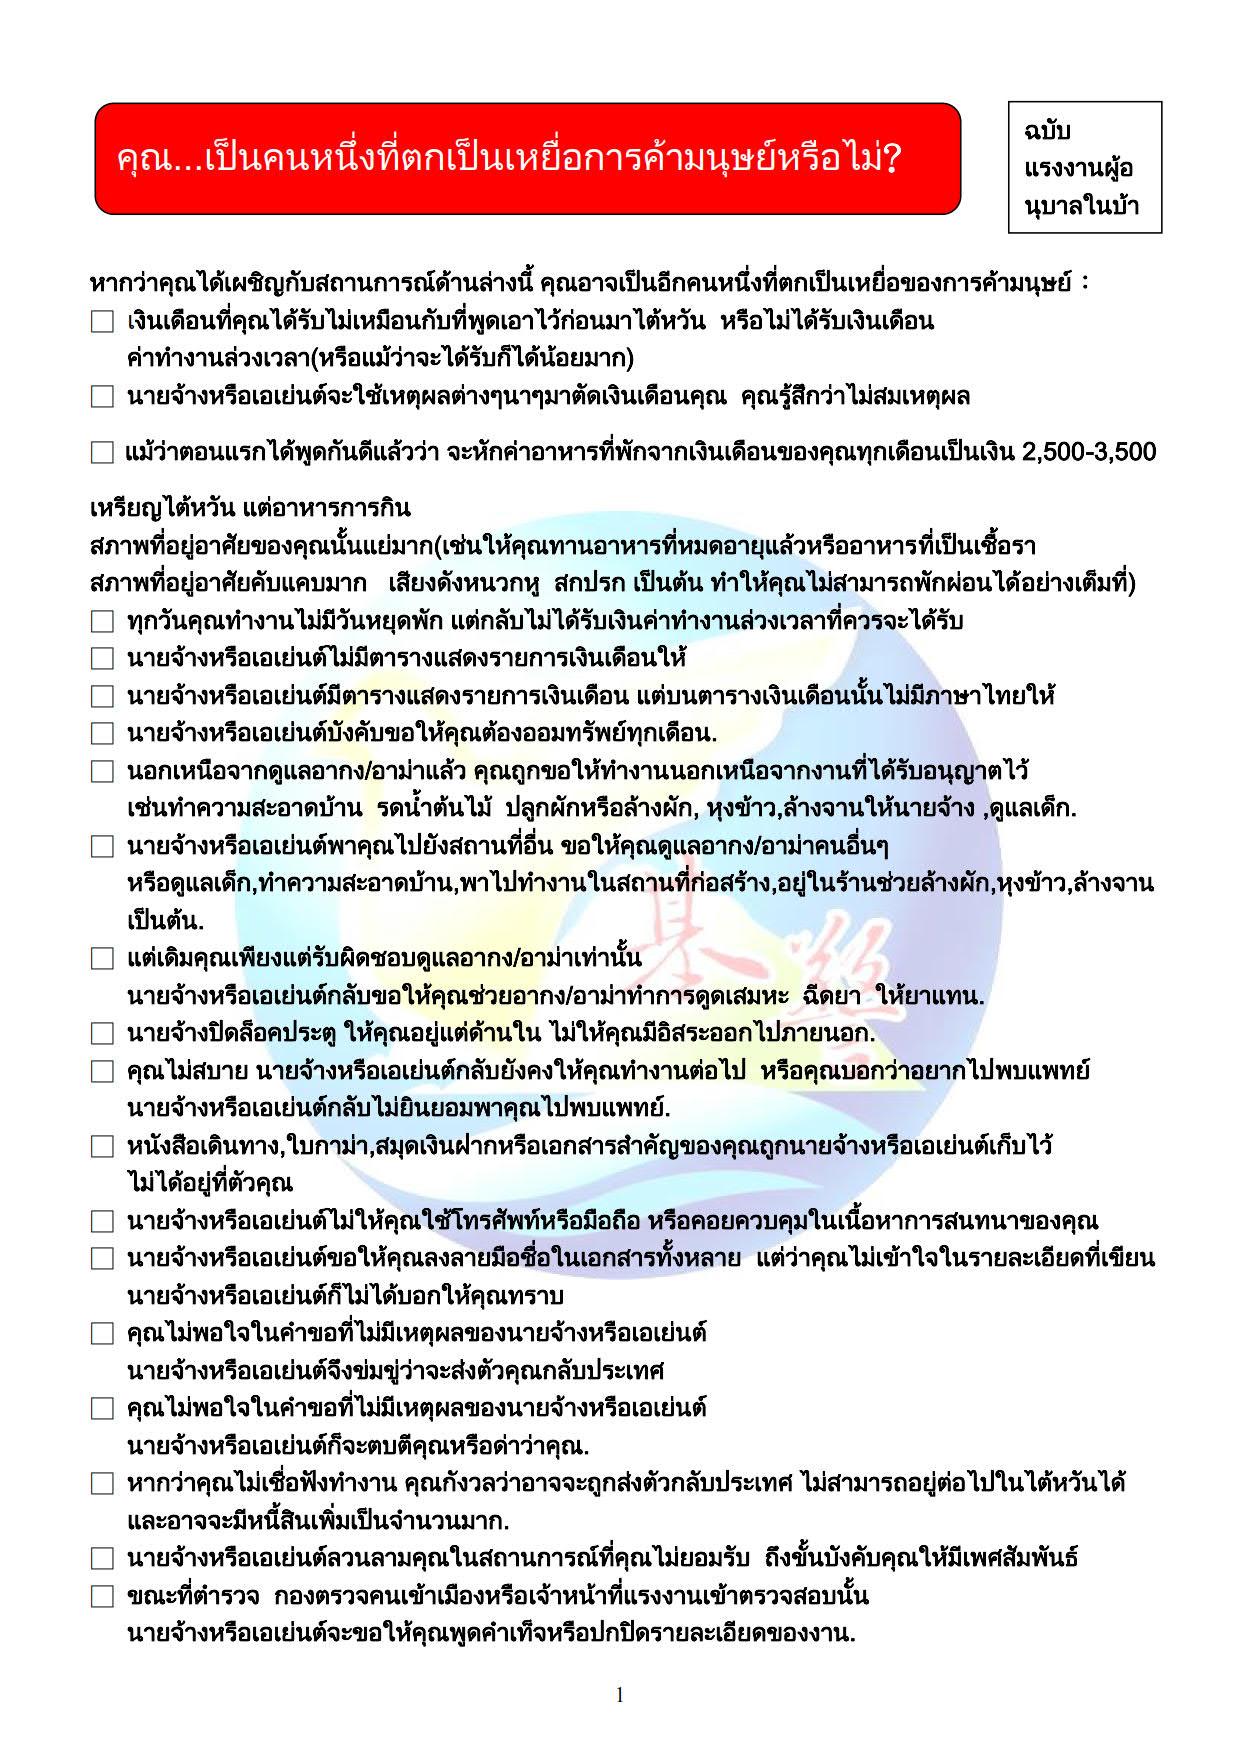 宣導單(家庭看護工)-thailand